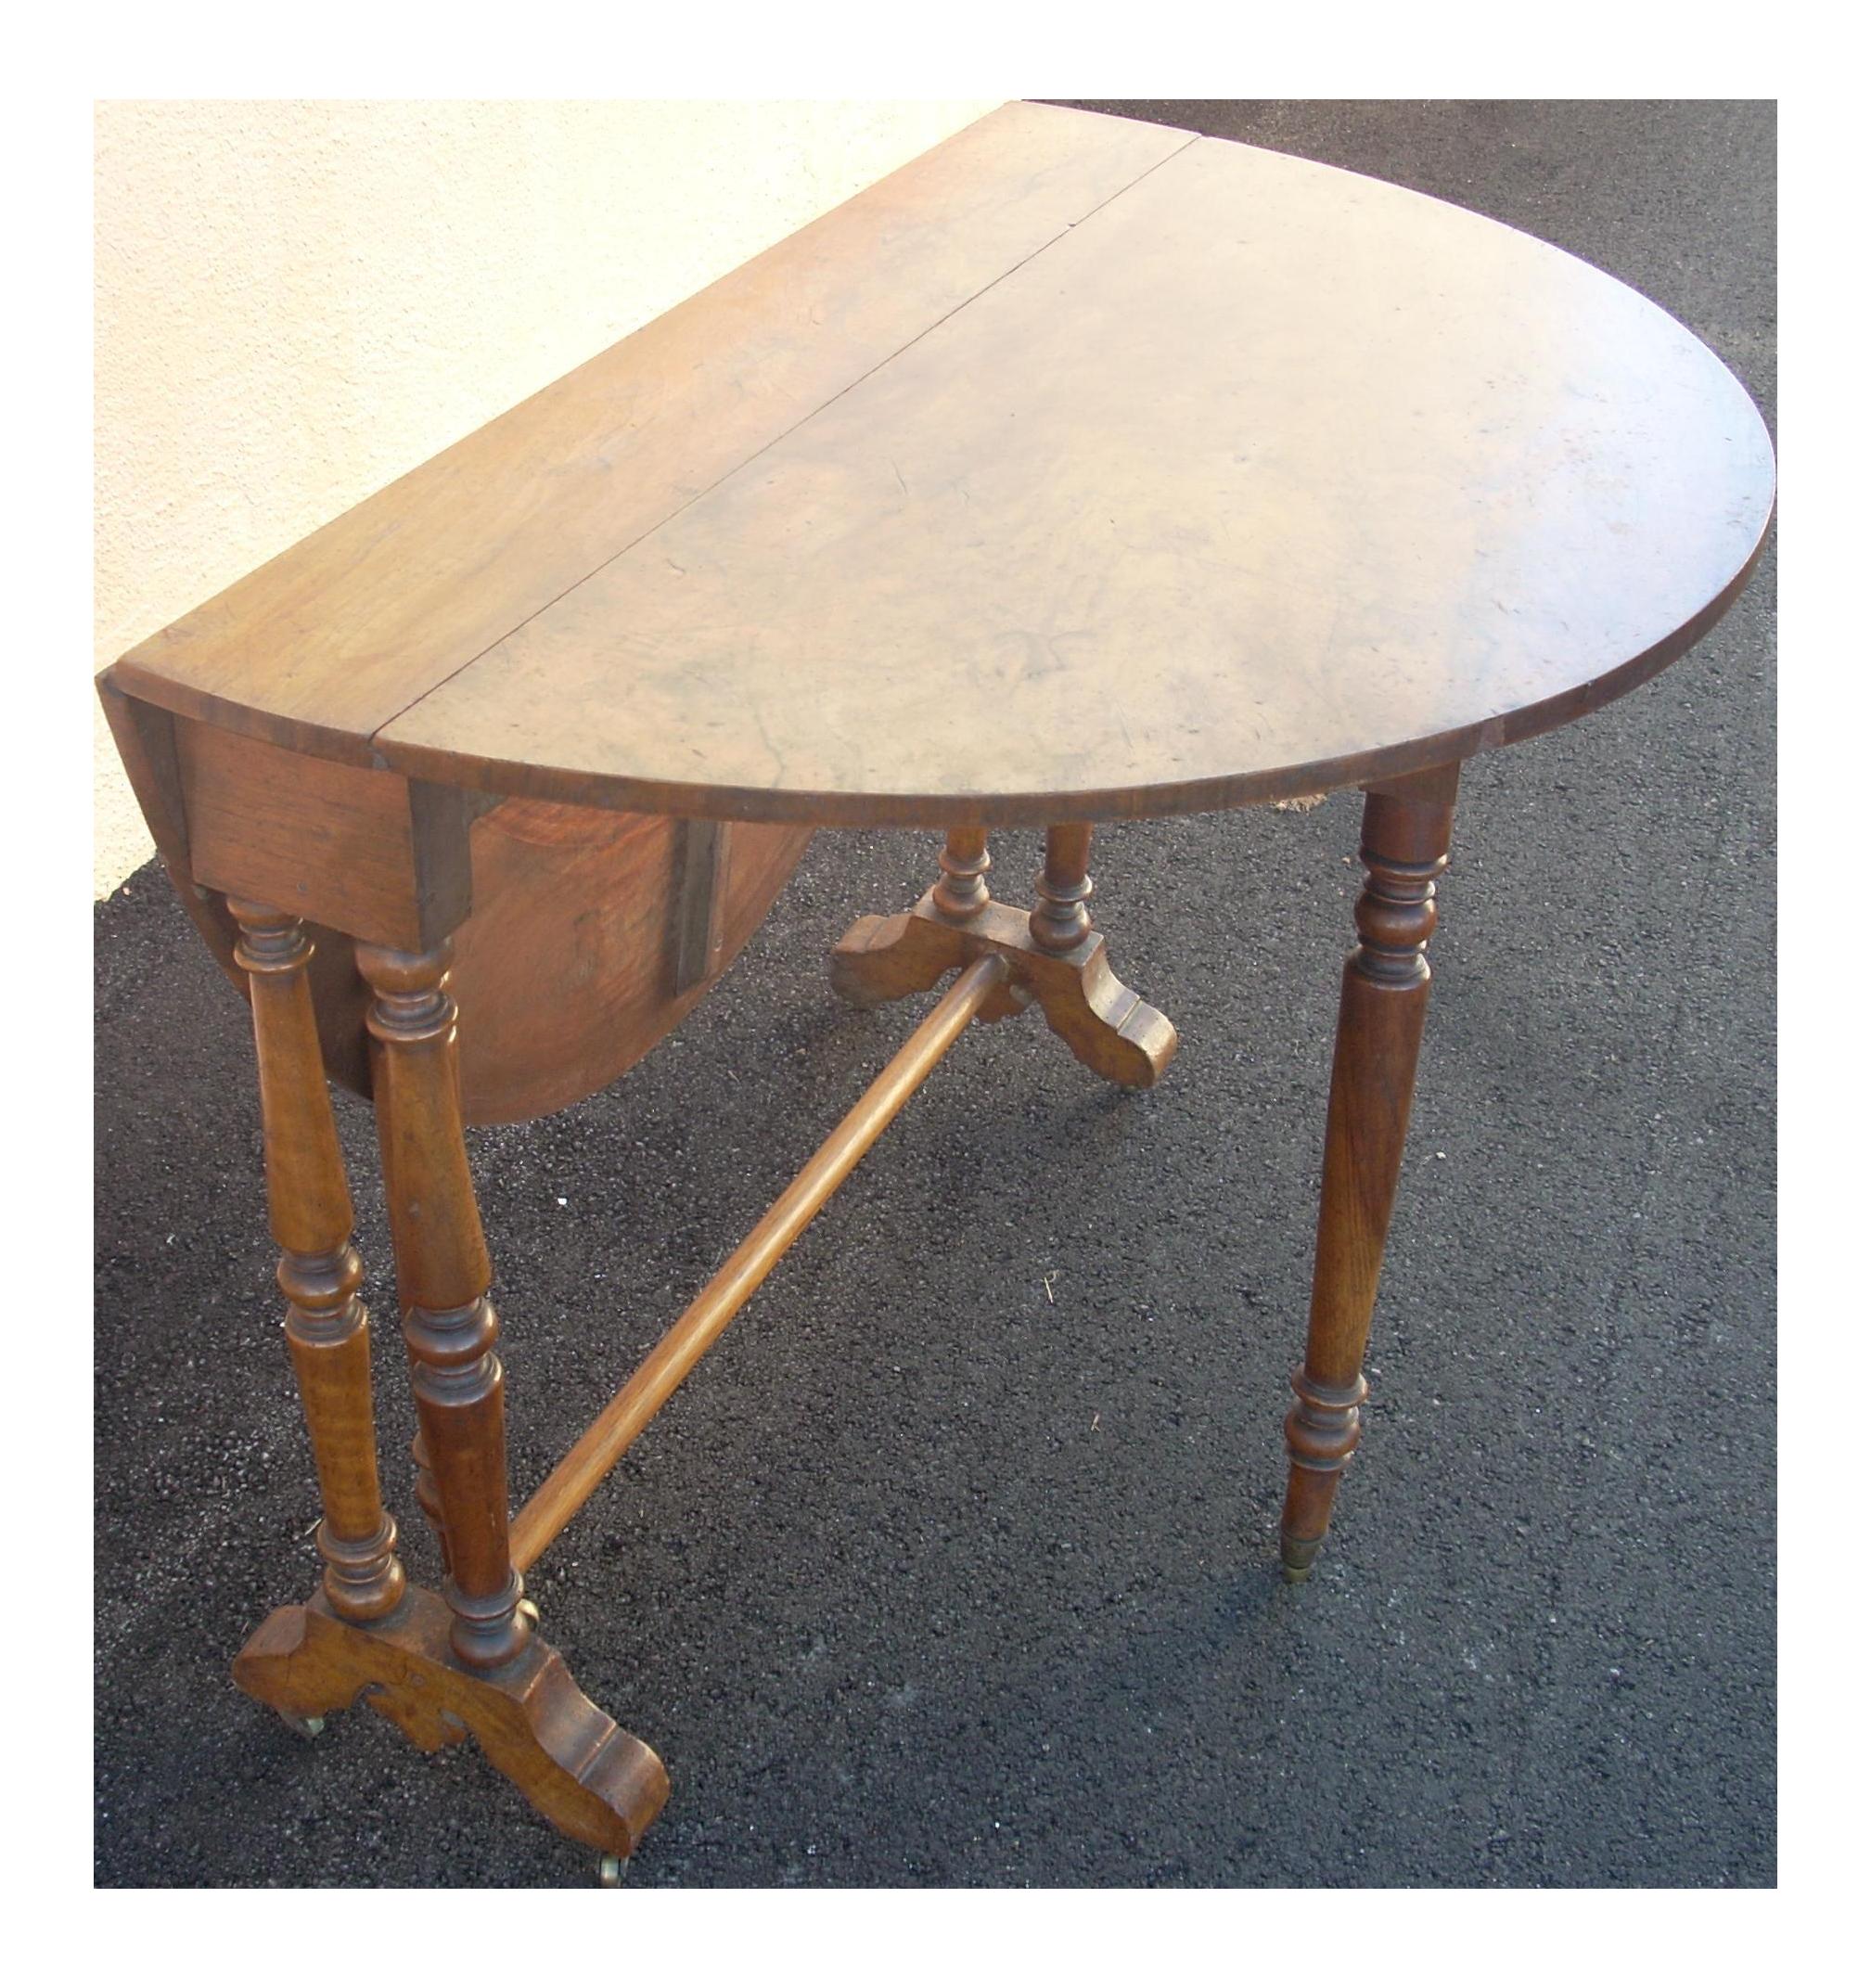 vintage gate legdrop leaf table